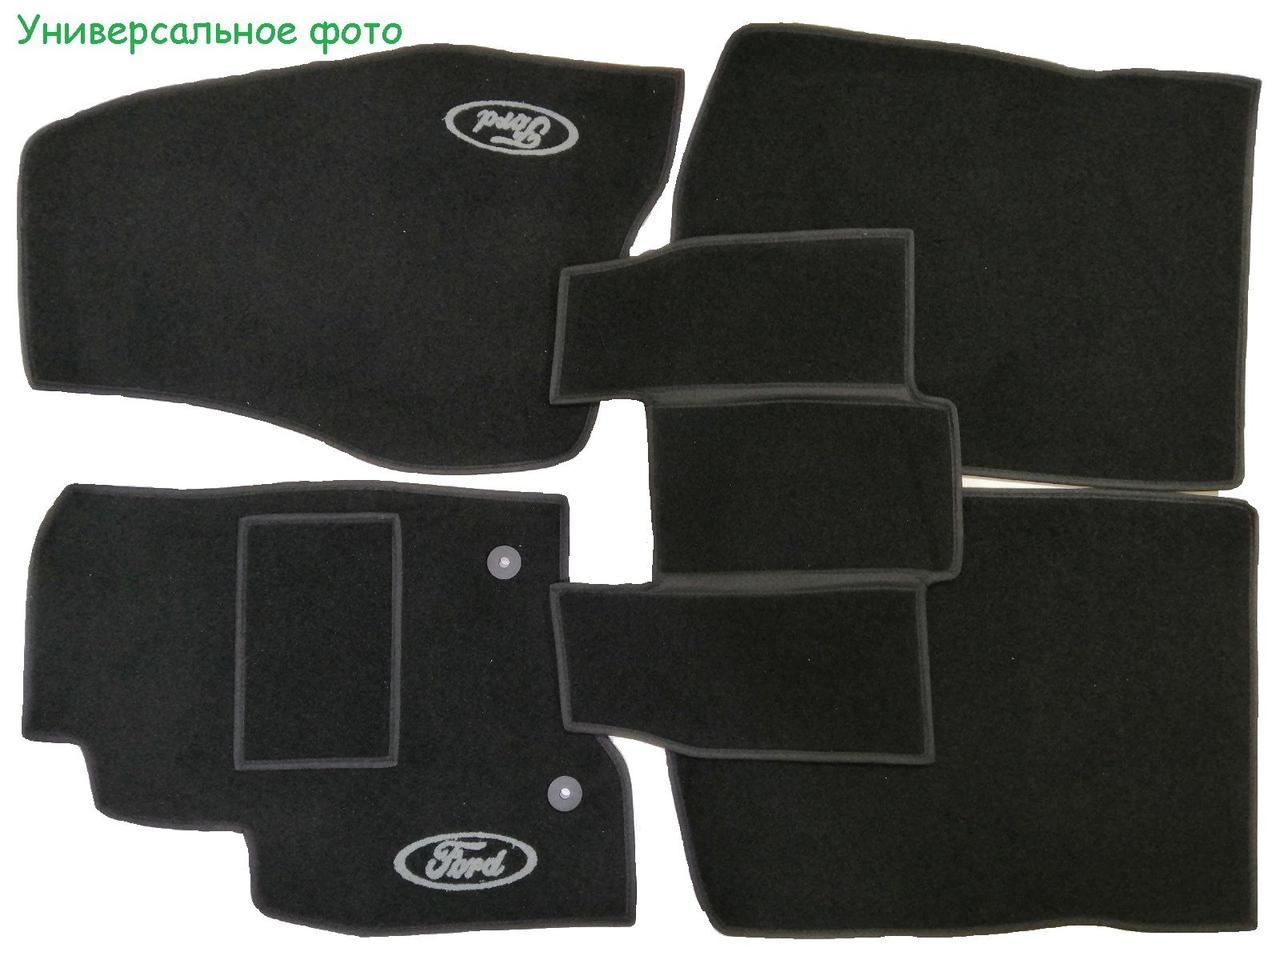 Килимки ворсові в салон на Nissan Rogue`08 - чорні